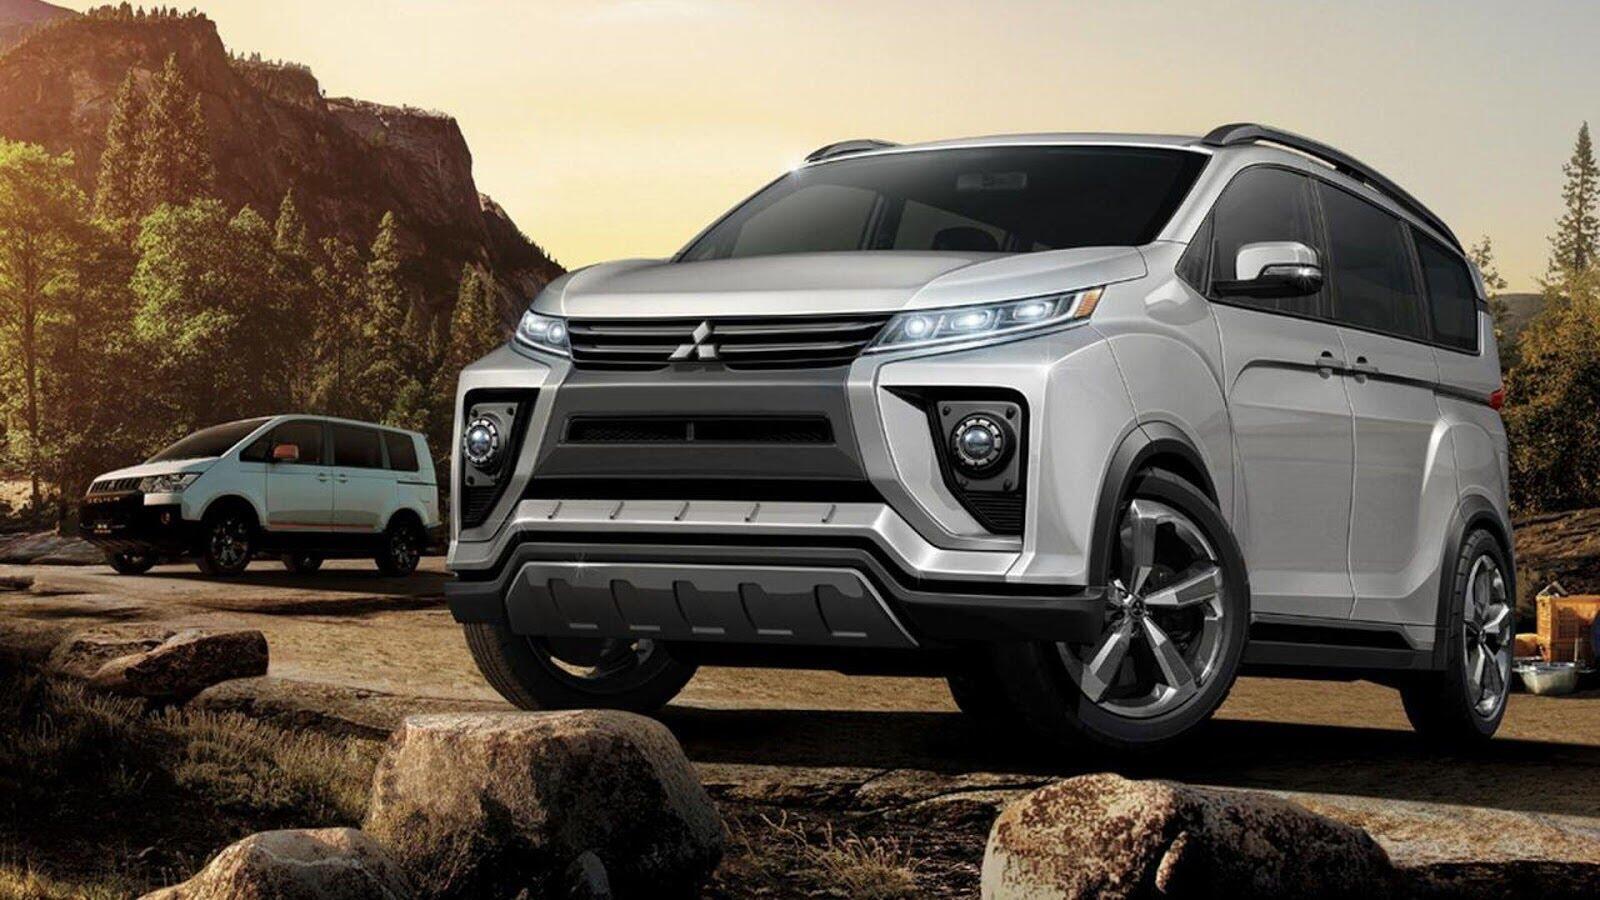 Mitsubishi công bố hình ảnh concept mới - Hình 6